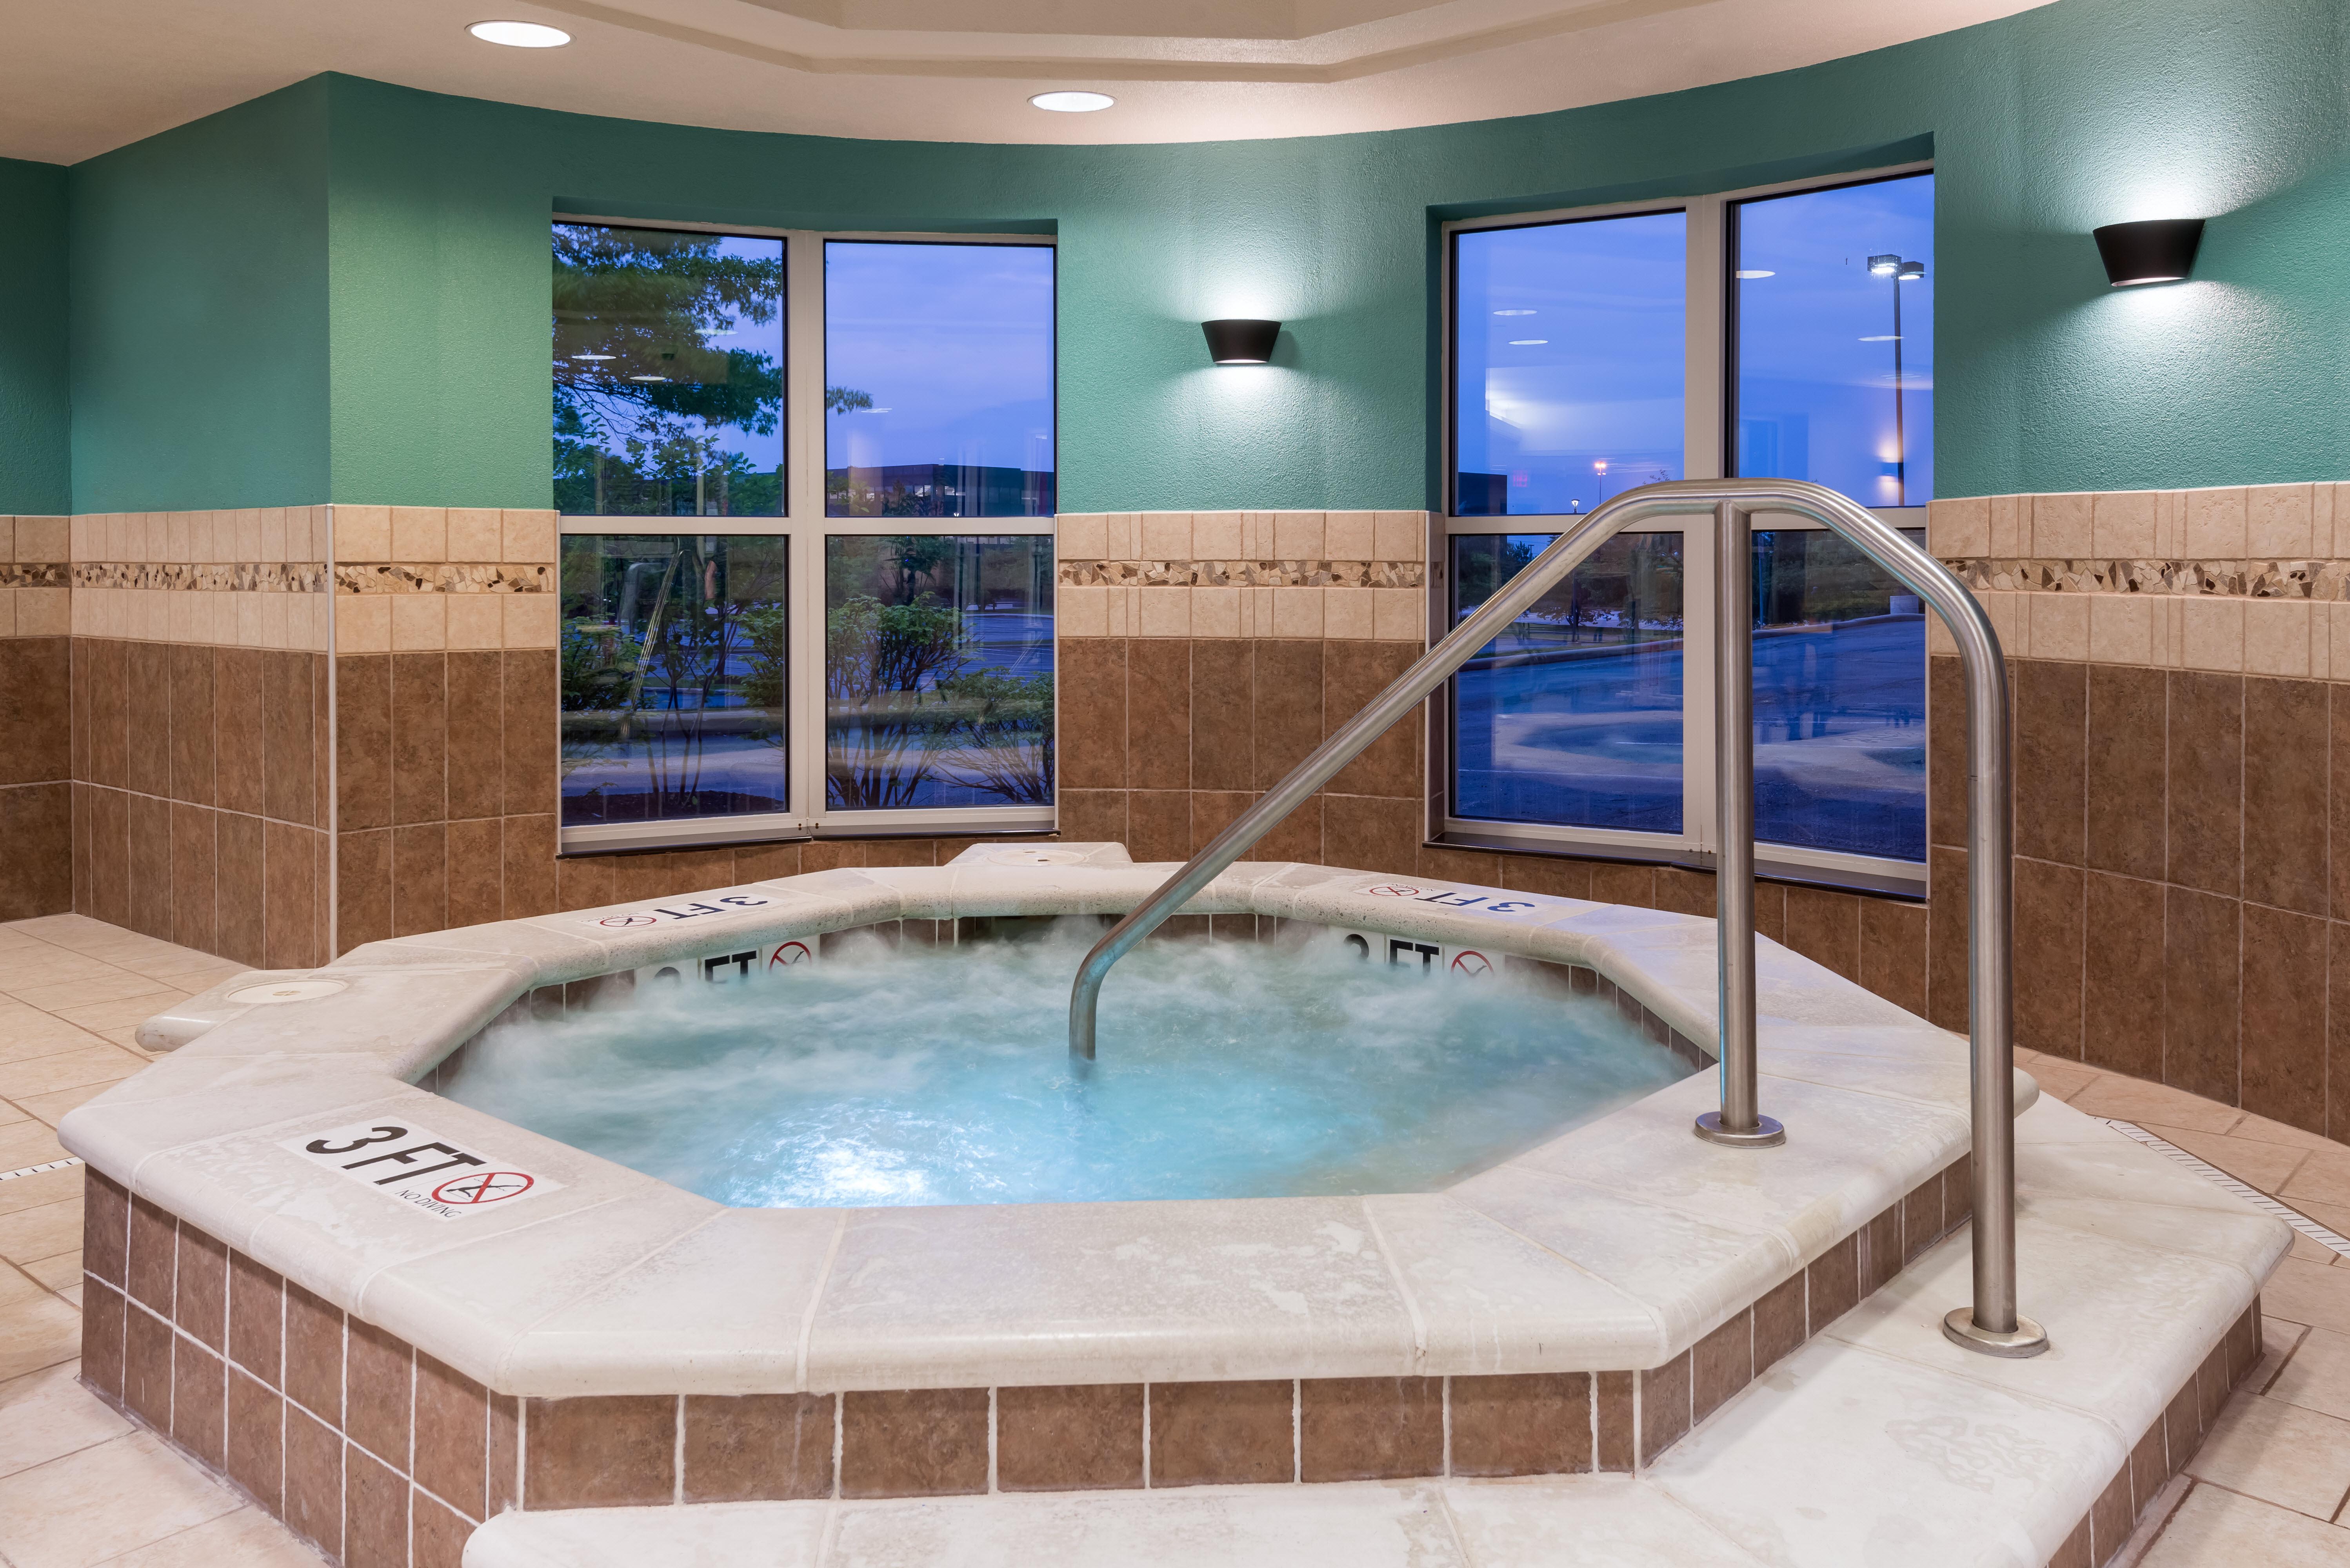 Homewood Suites by Hilton Cleveland-Beachwood image 38